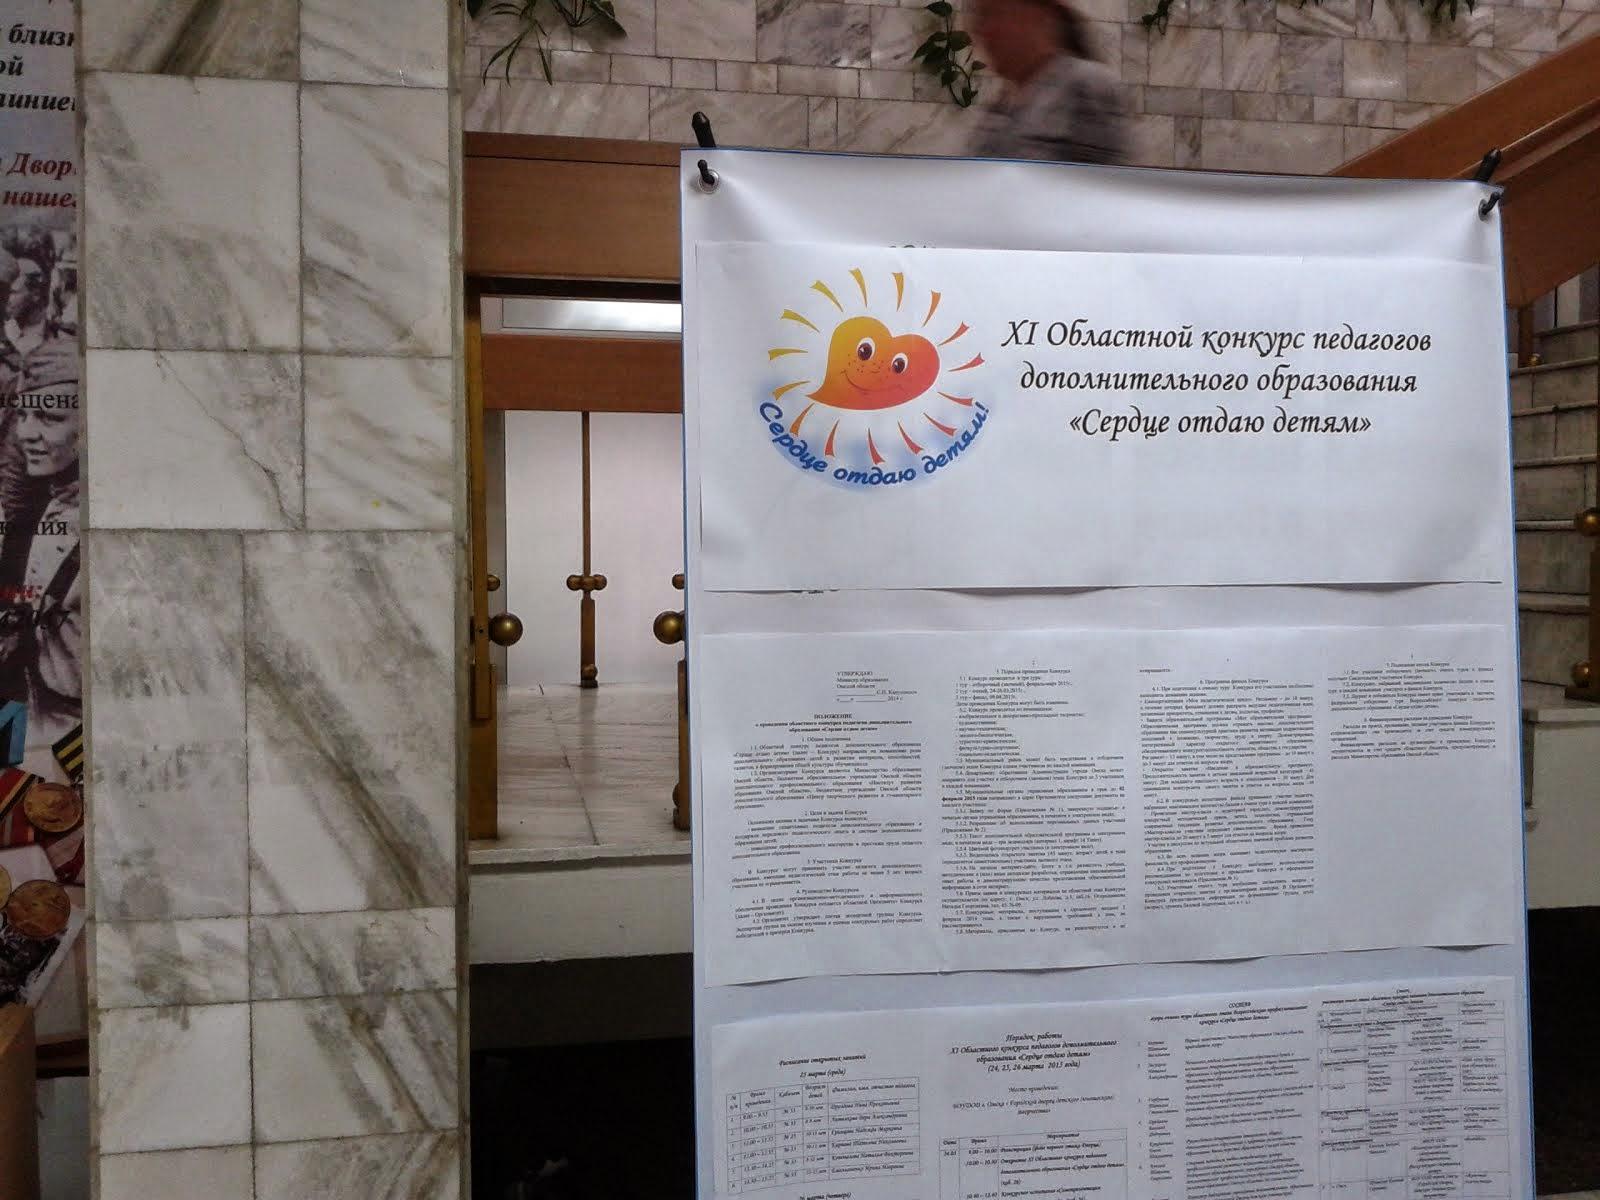 Репортаж Исилькульского телевидения